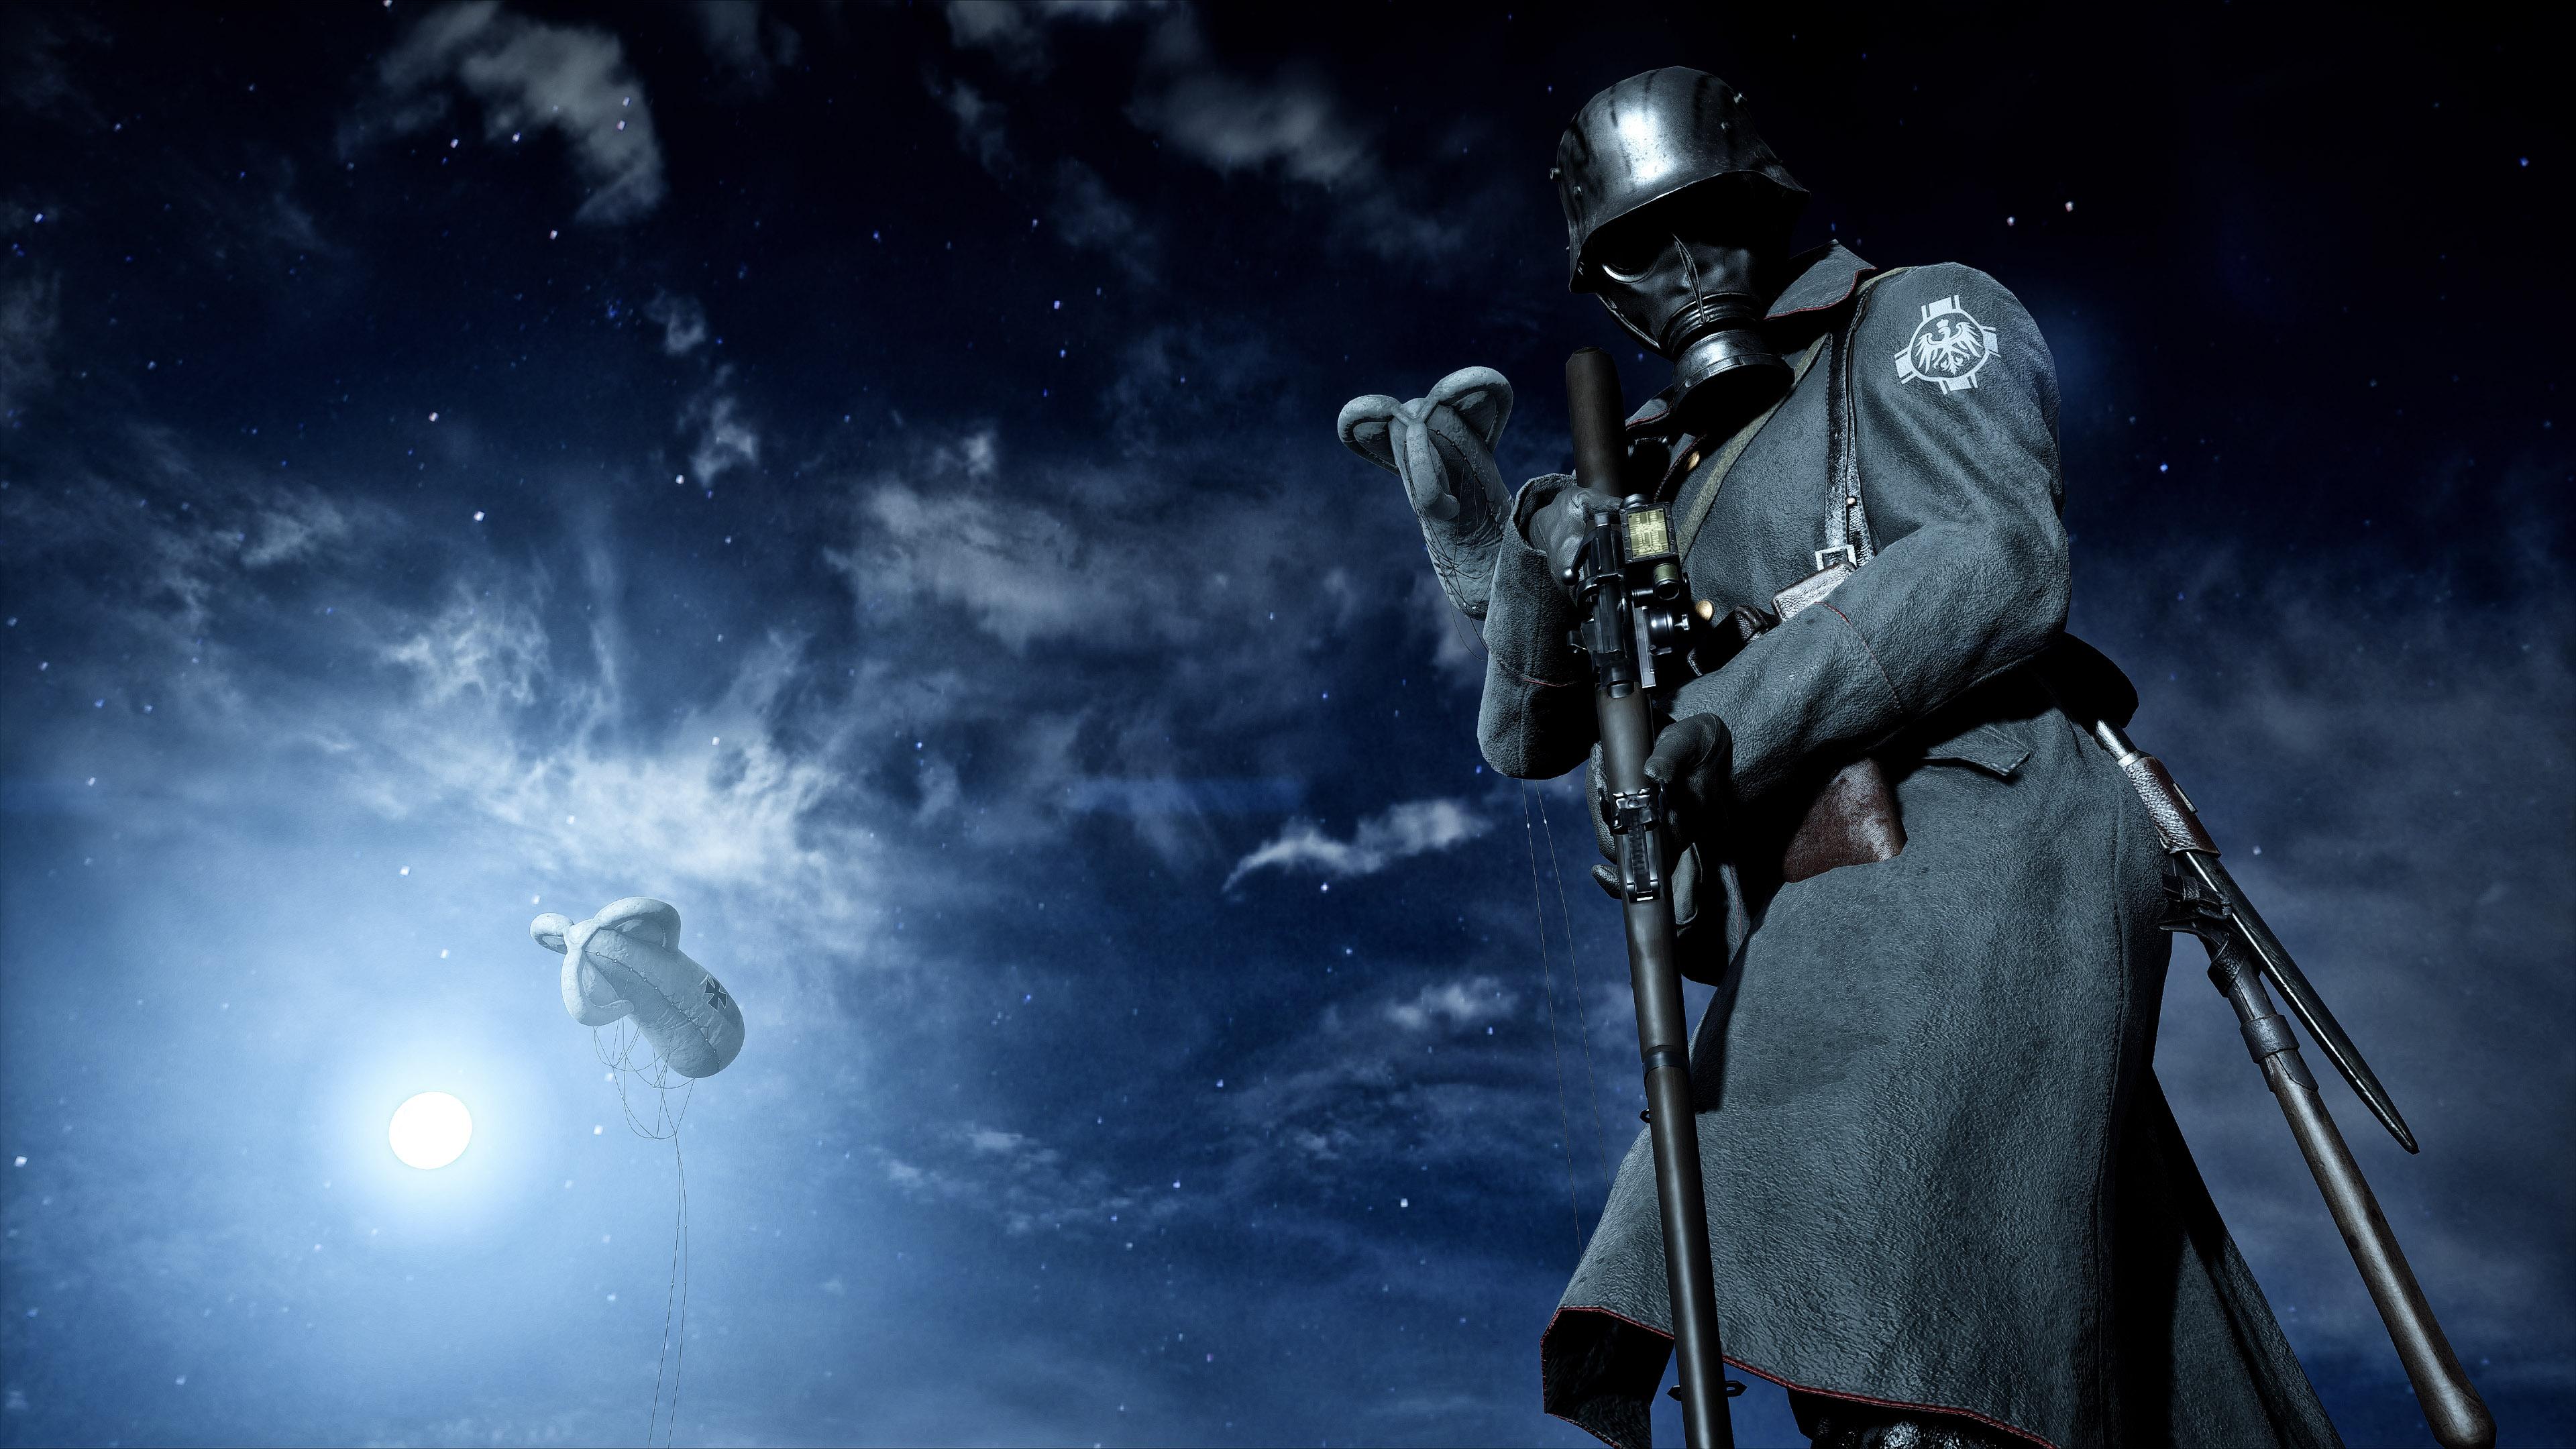 Battlefield 1 4k Ultra Tapeta Hd: 4k Battlefield 1, HD Games, 4k Wallpapers, Images